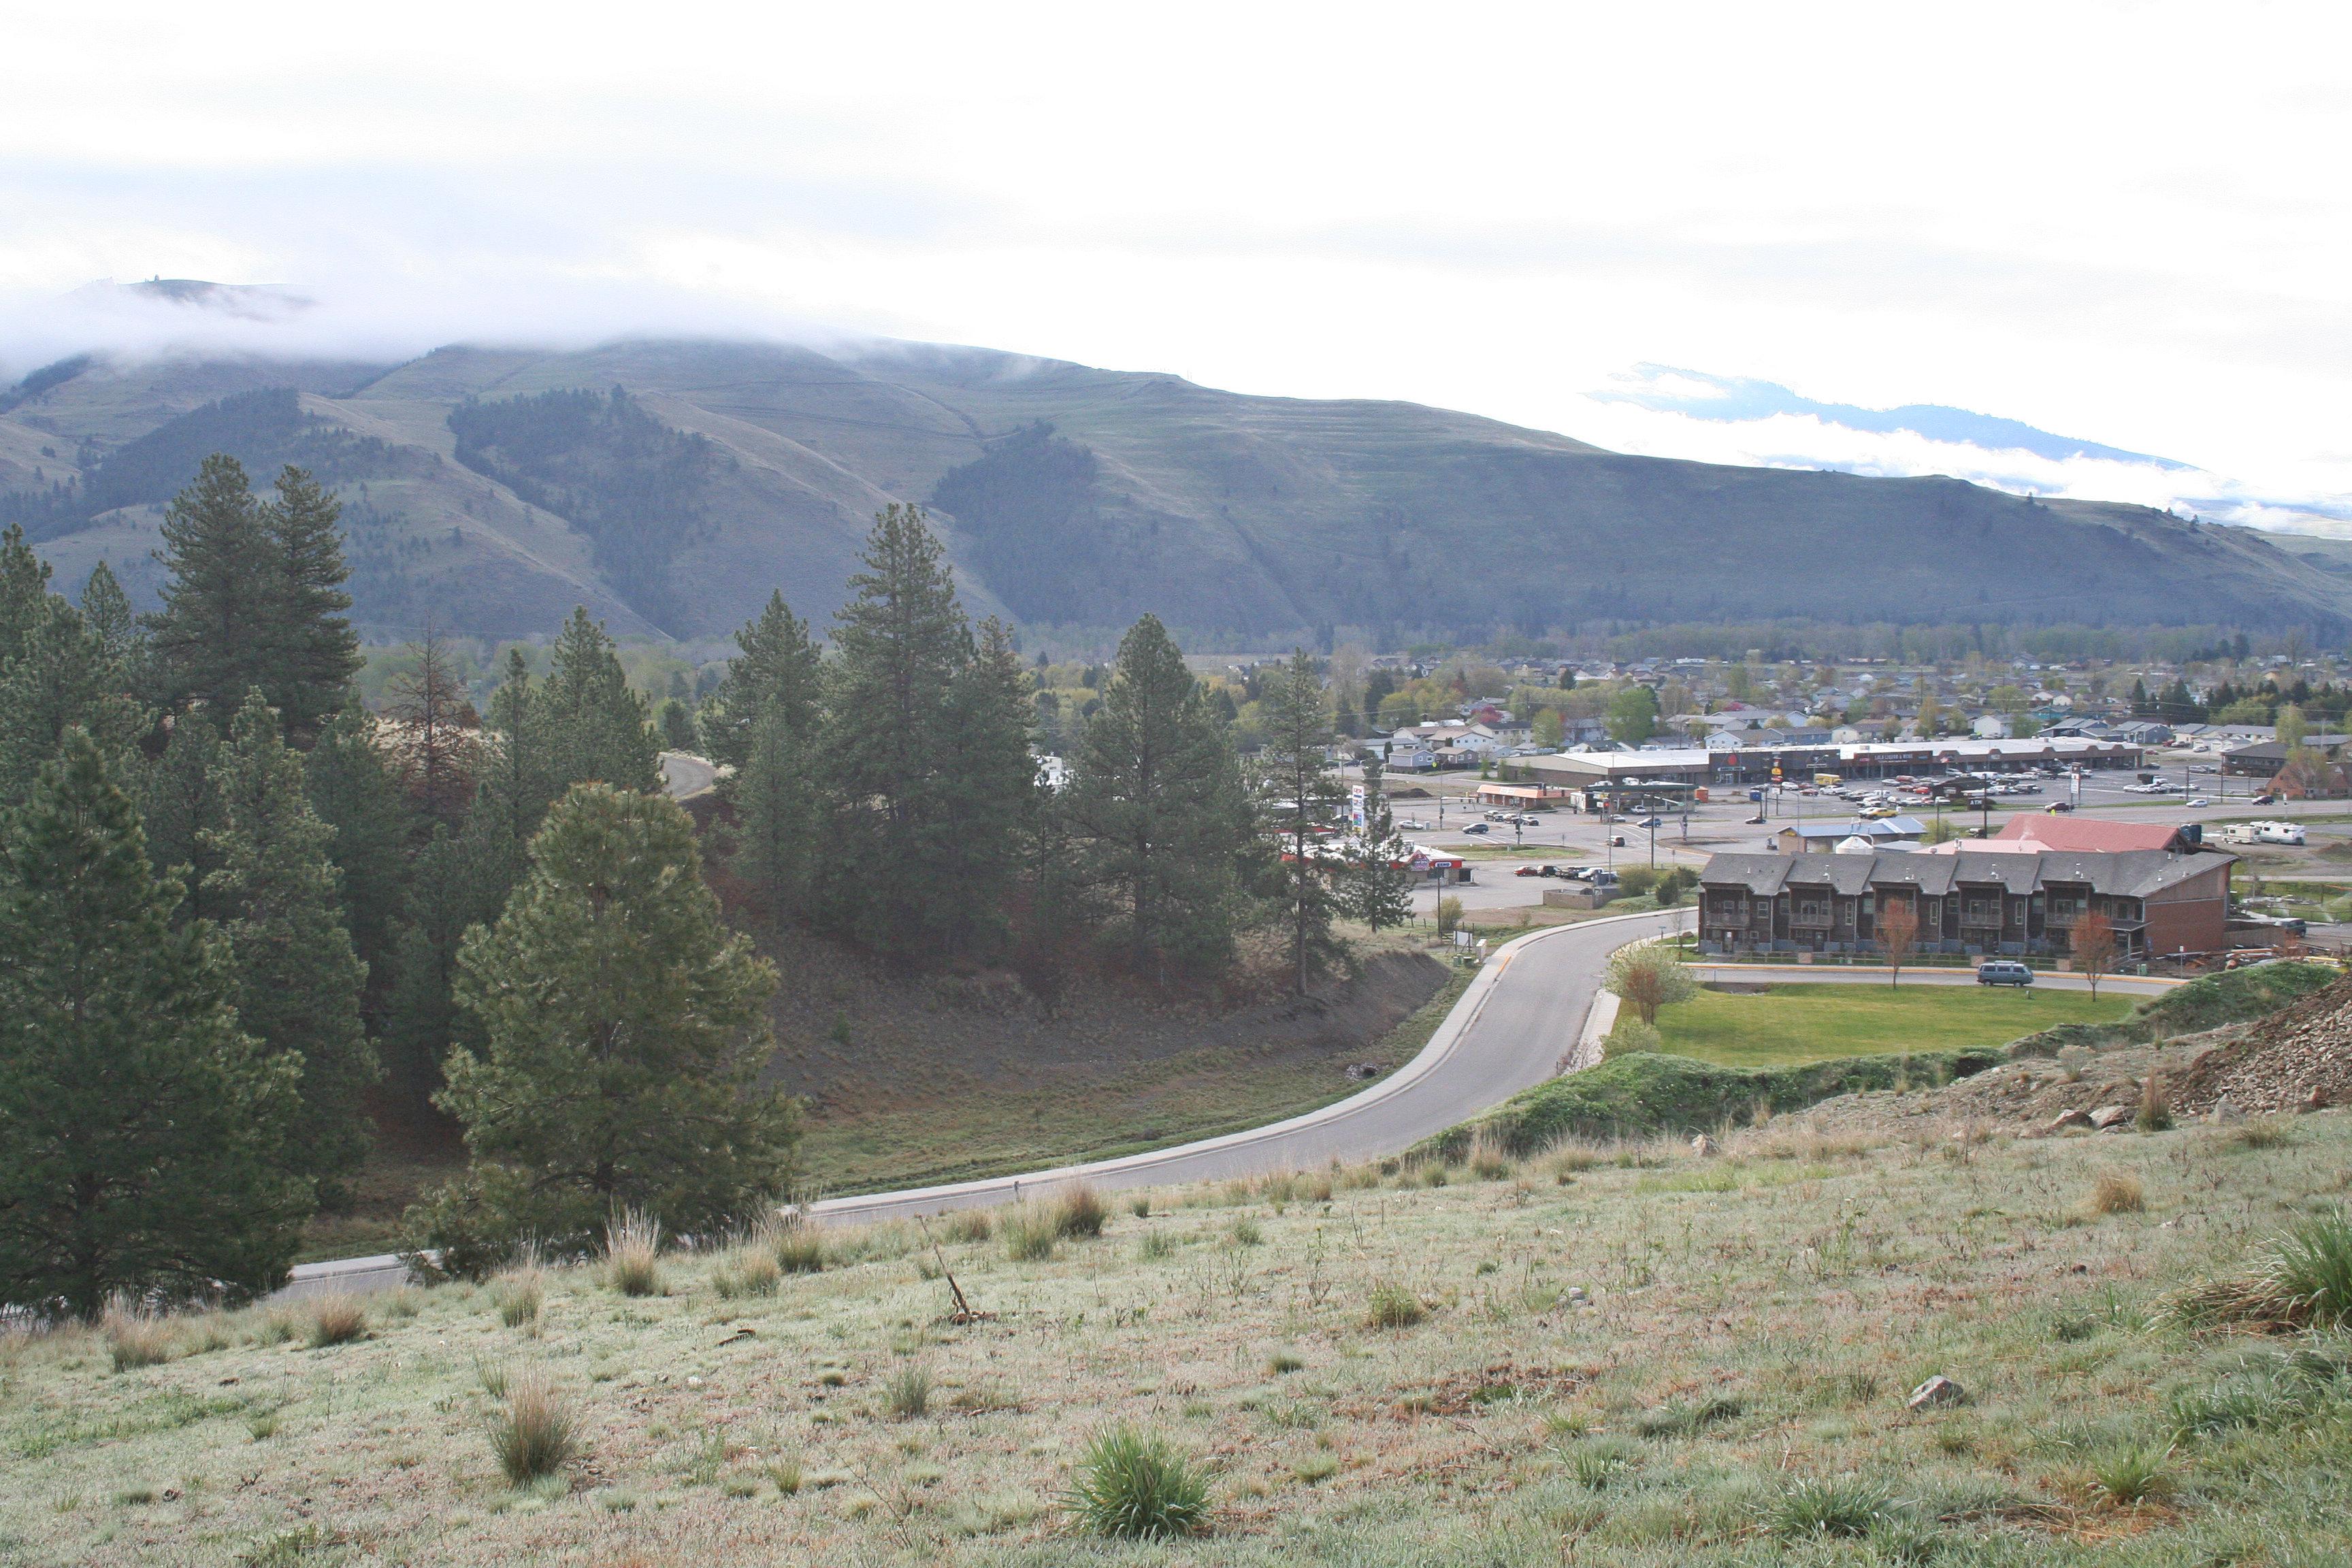 Terreno por un Venta en Ponderosa Heights Lot 11 Sugar Pine Pl Lolo, Montana 59847 Estados Unidos